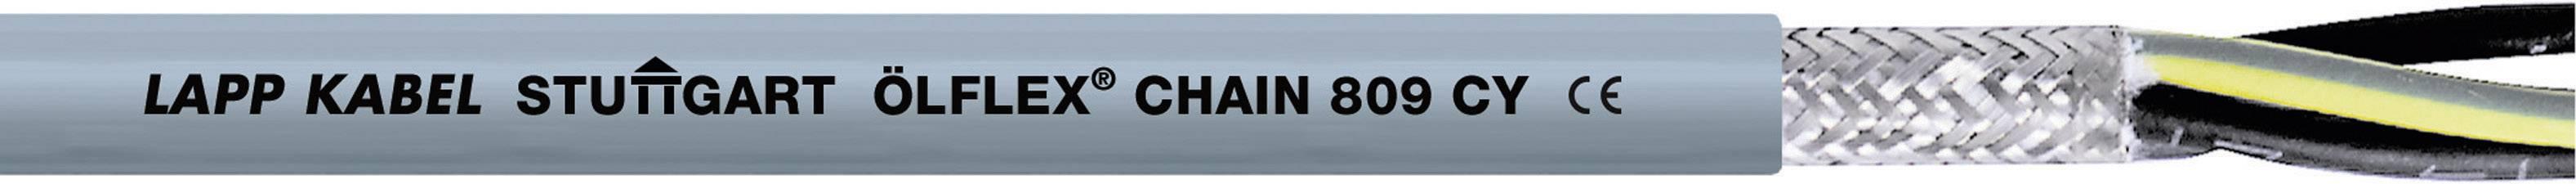 Žíla kabelu LappKabel ÖLFLEX CHAIN 809 CY 3G1,0 (1026768), 3x 1 mm², PVC, Ø 6,9 mm, stíněný, 1 m, šedá